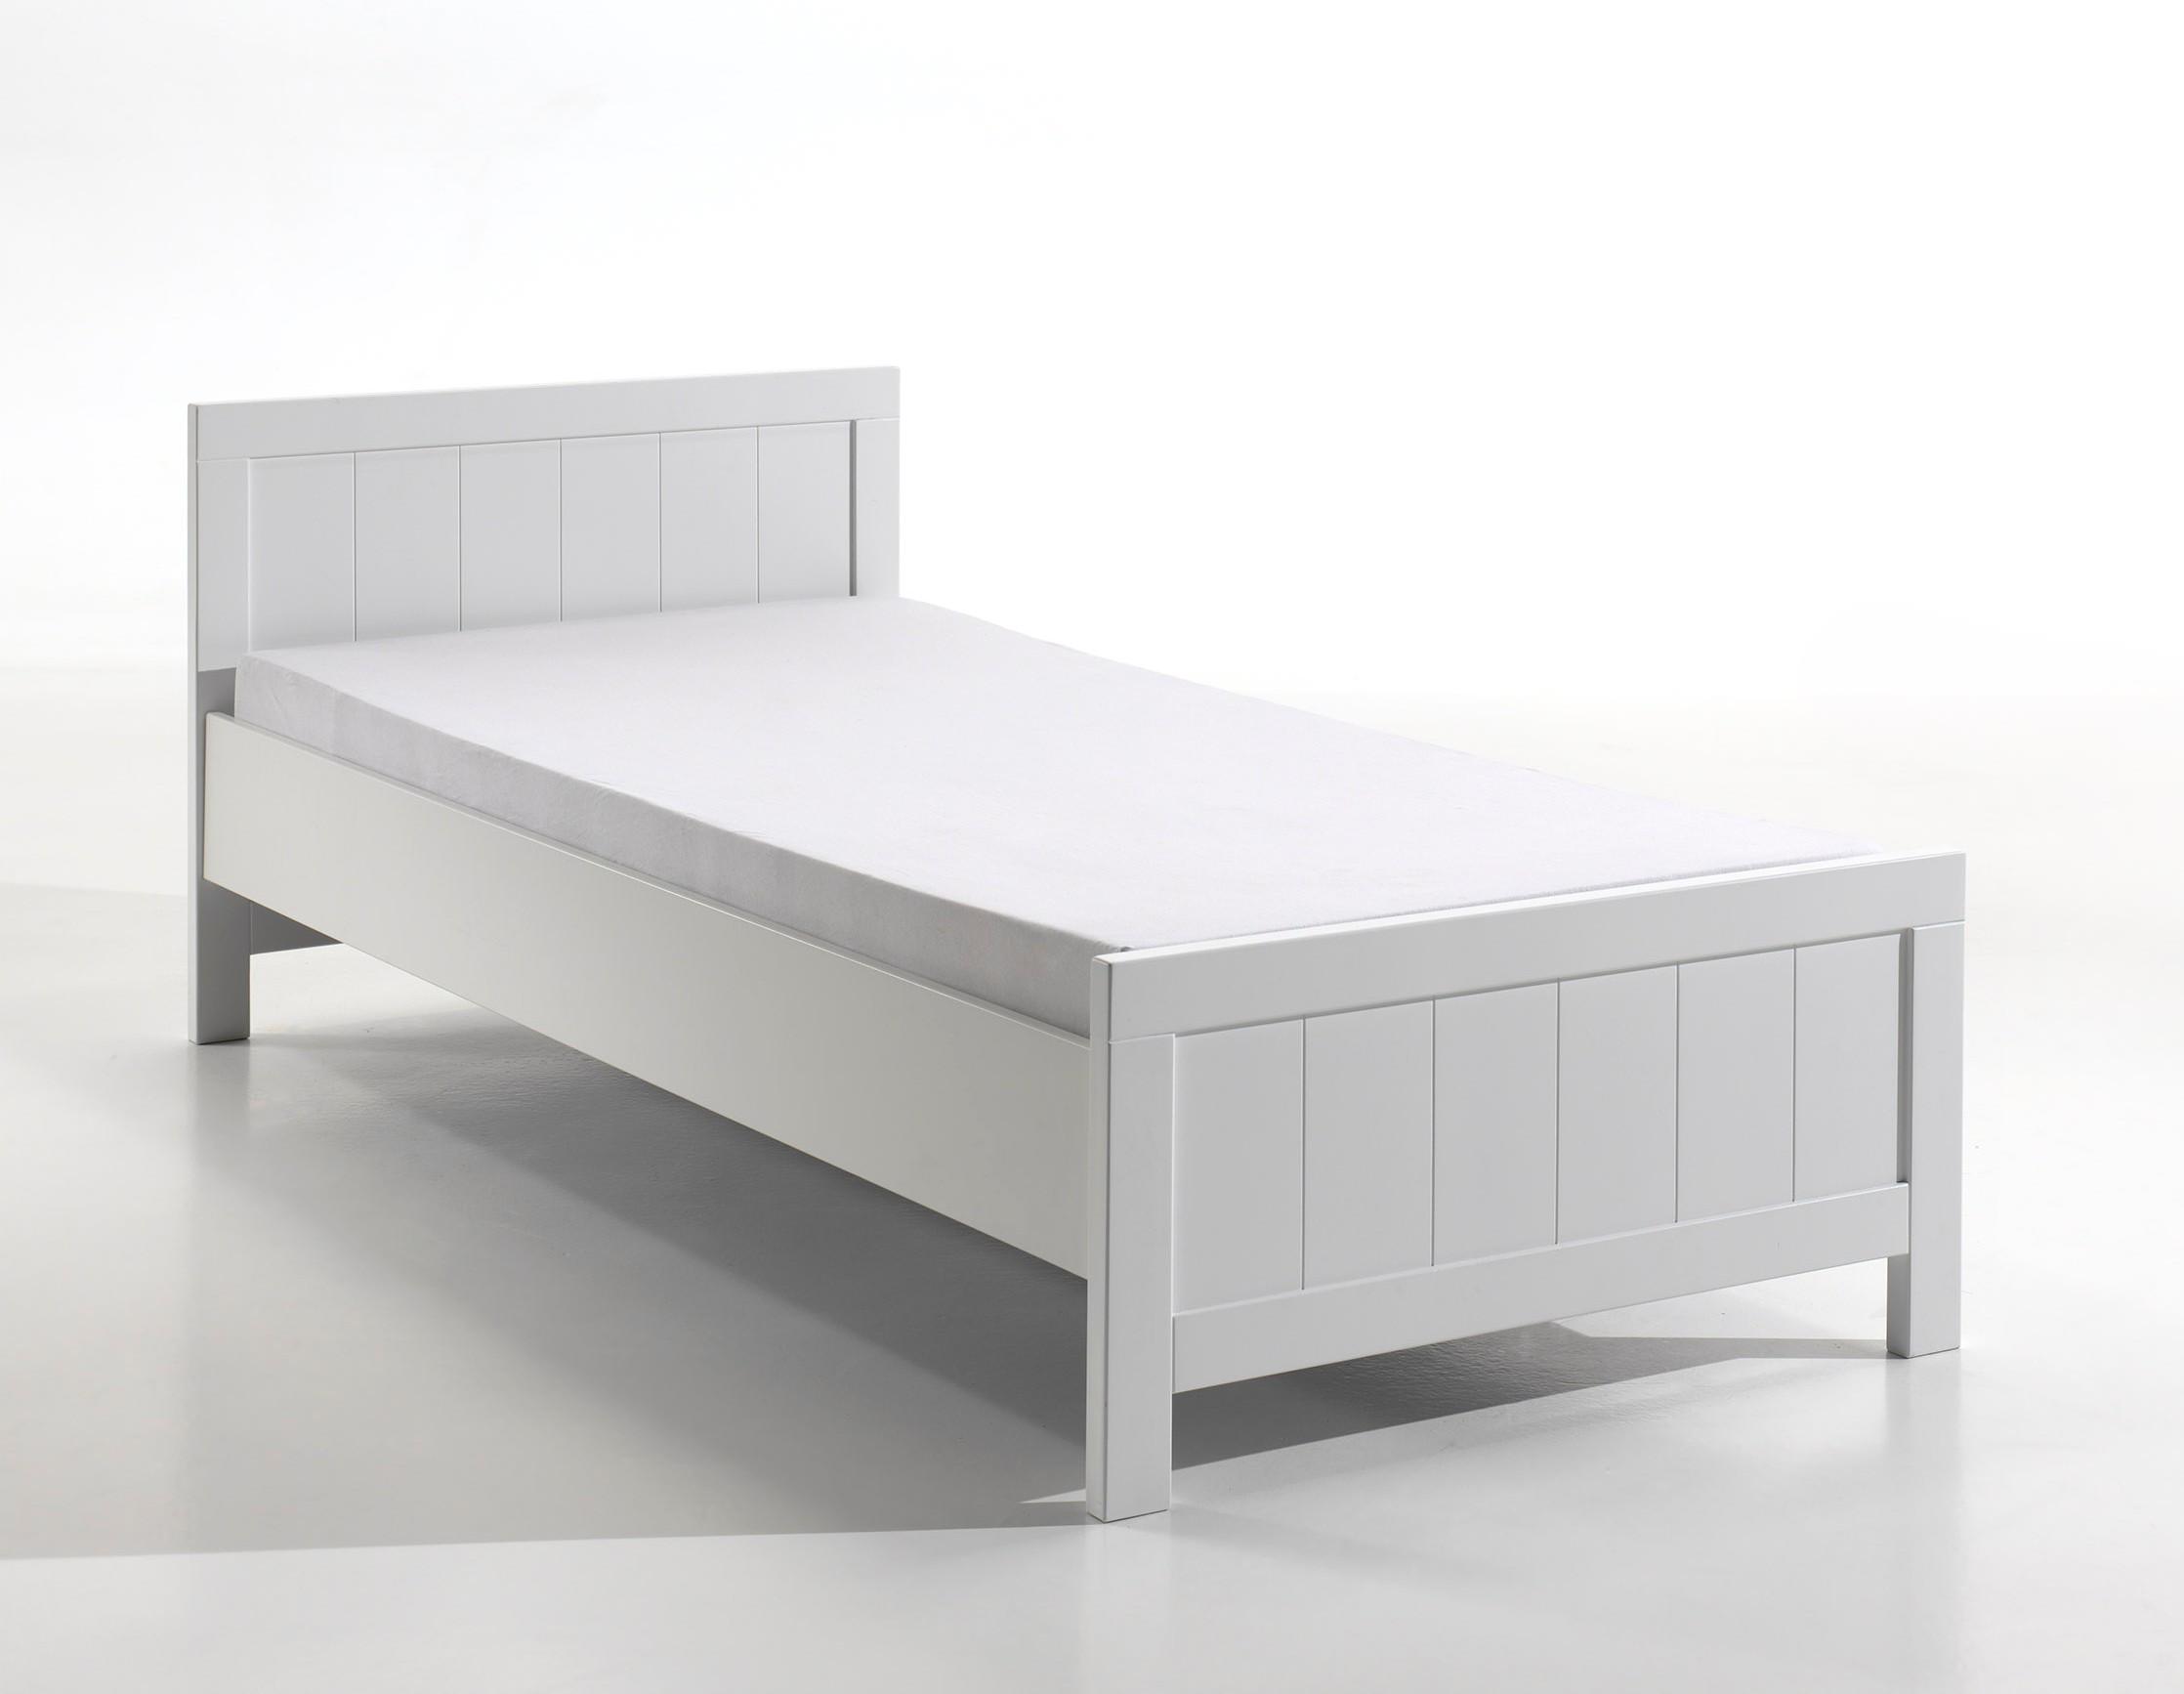 einzelbett erik liegefl che 90 x 200 cm wei wohnen betten. Black Bedroom Furniture Sets. Home Design Ideas